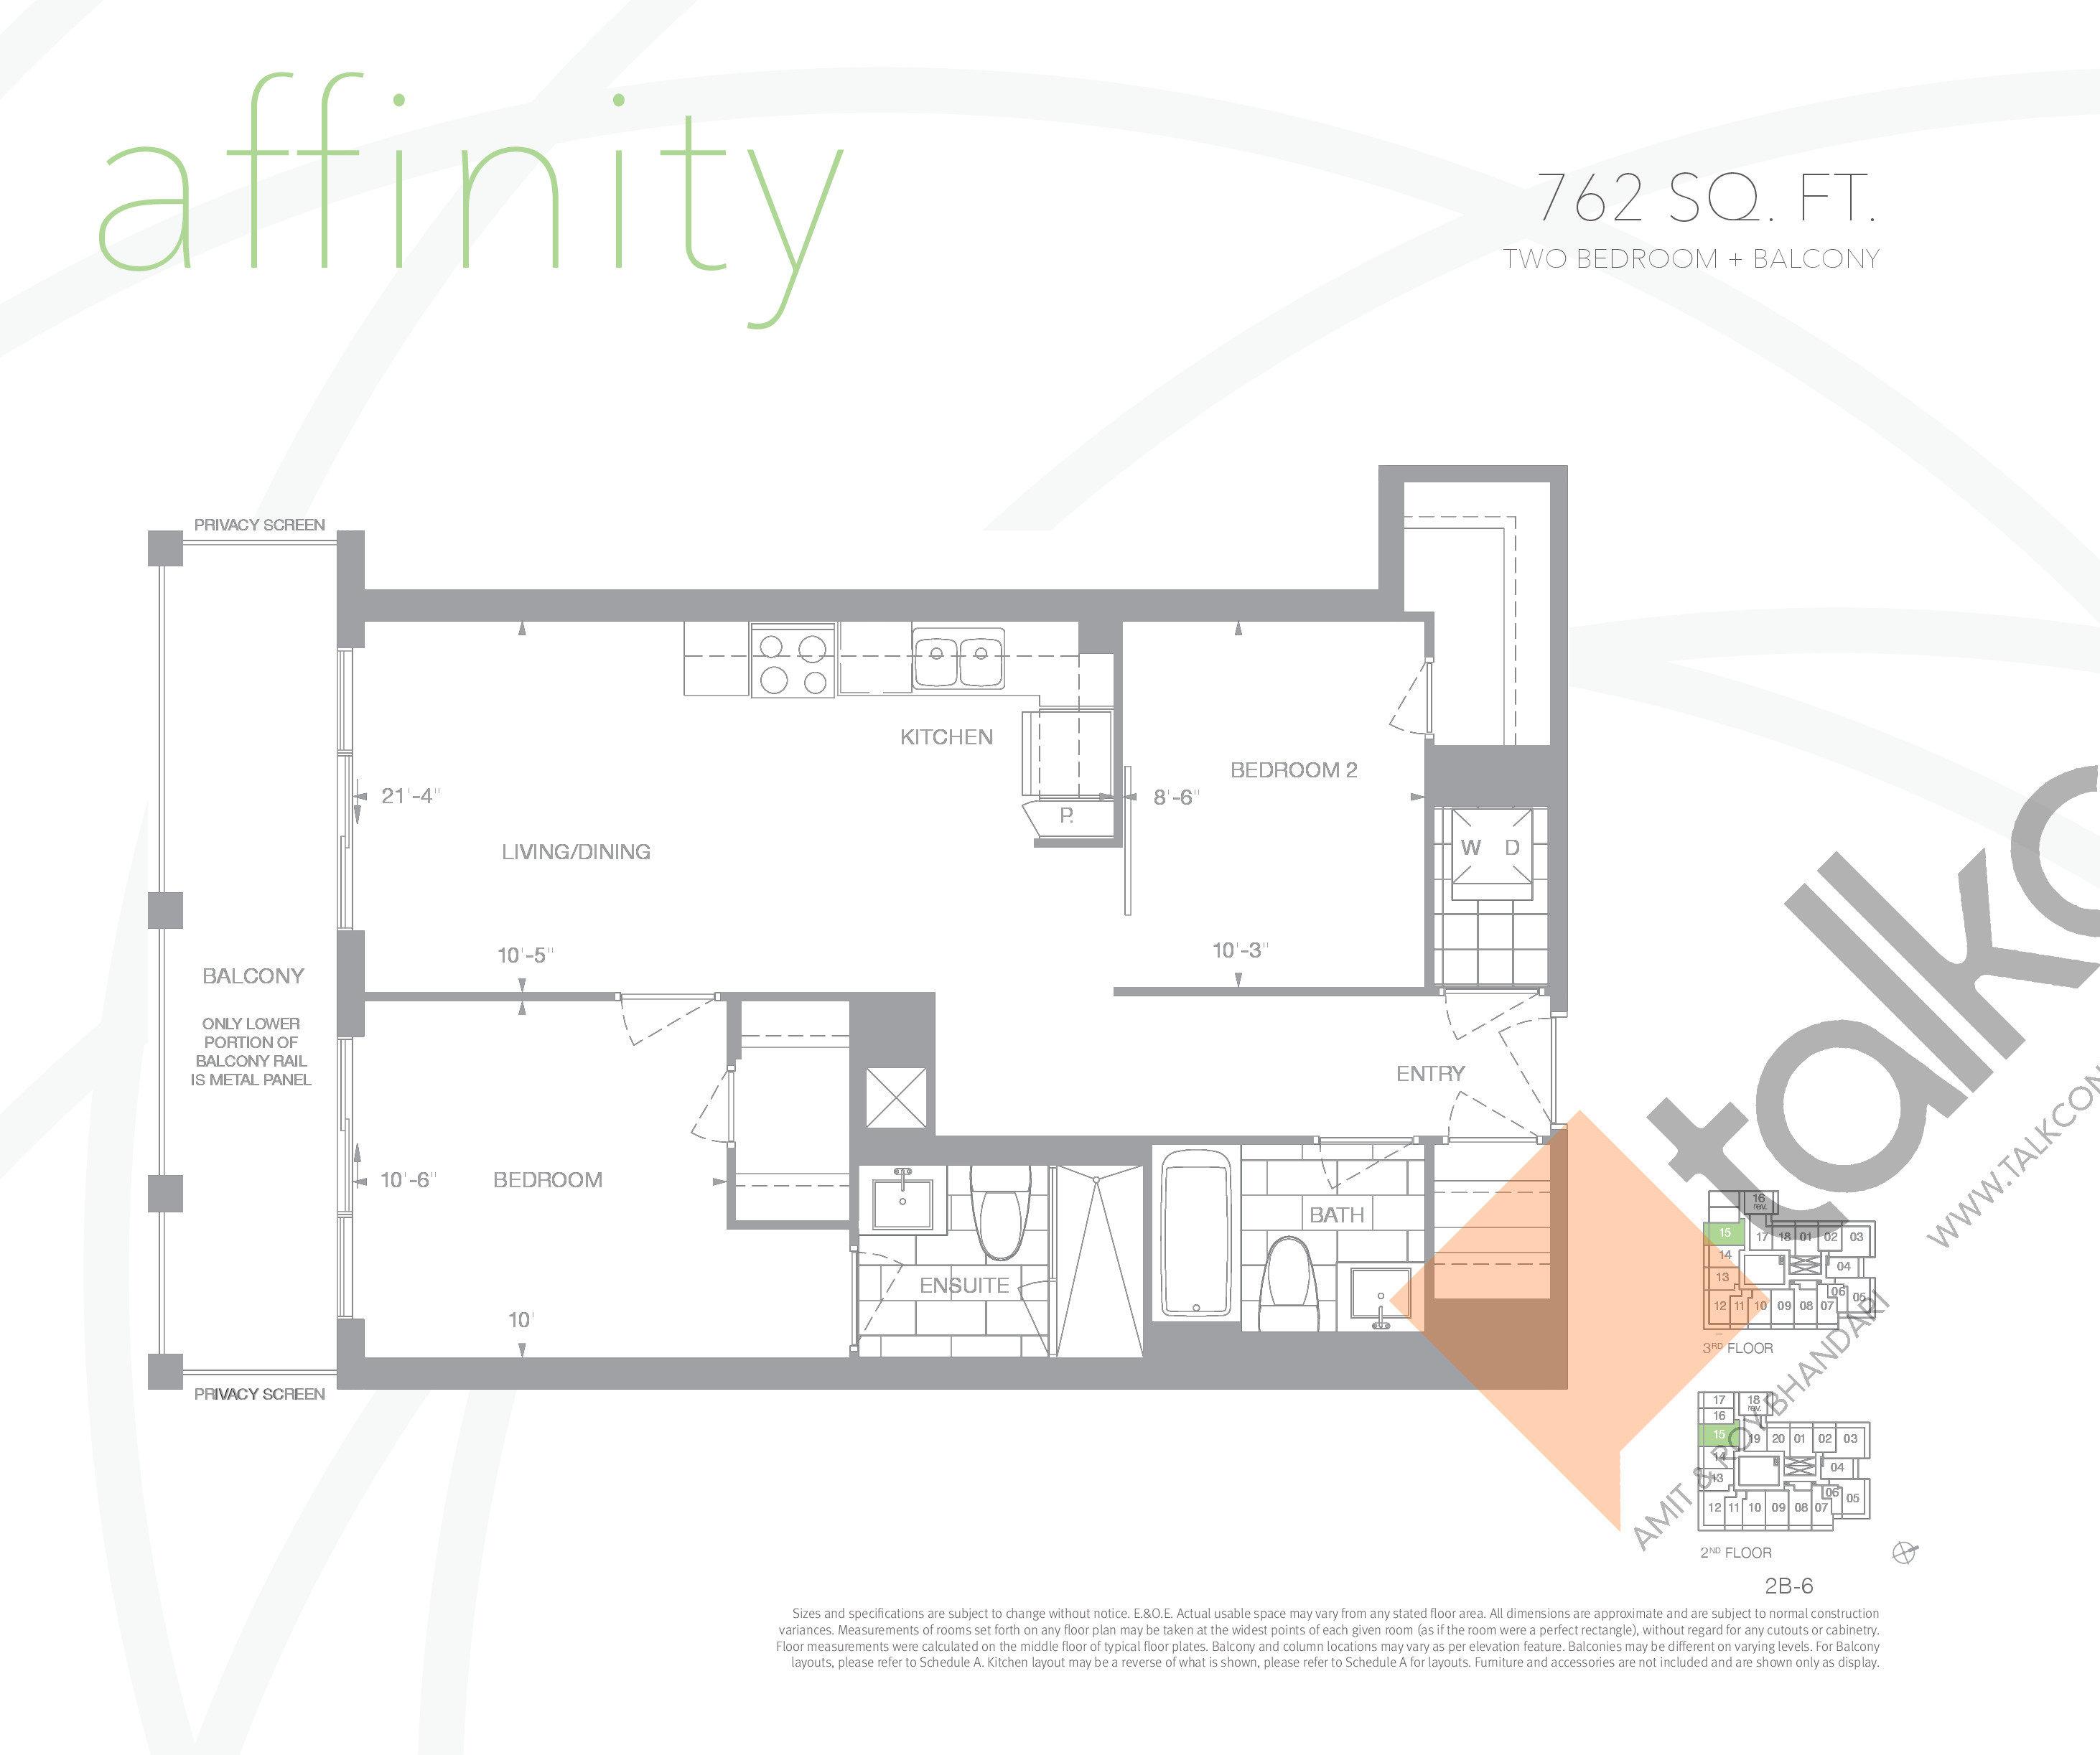 Affinity Floor Plan at Senses Condominiums - 762 sq.ft